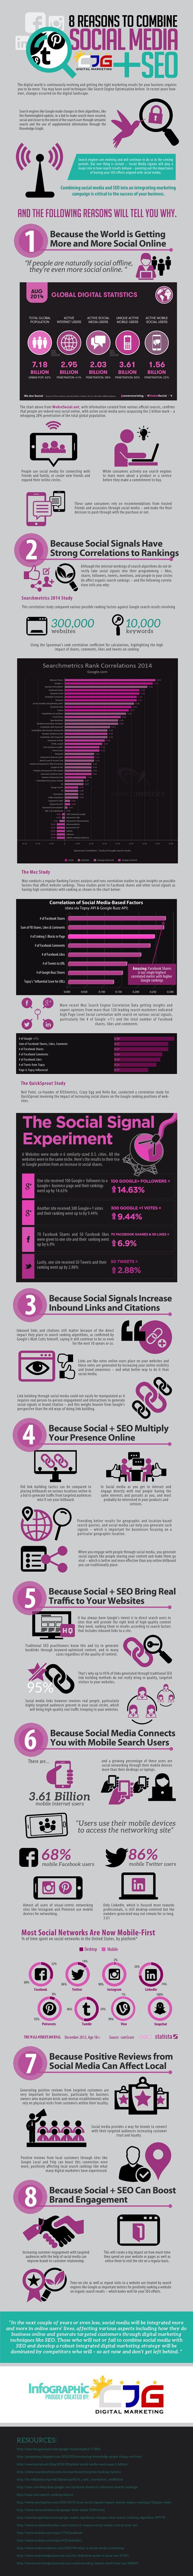 8 reasons to combine social media + SEO 6dfe3b91d118b42d1ab7366d3ad7a3b7